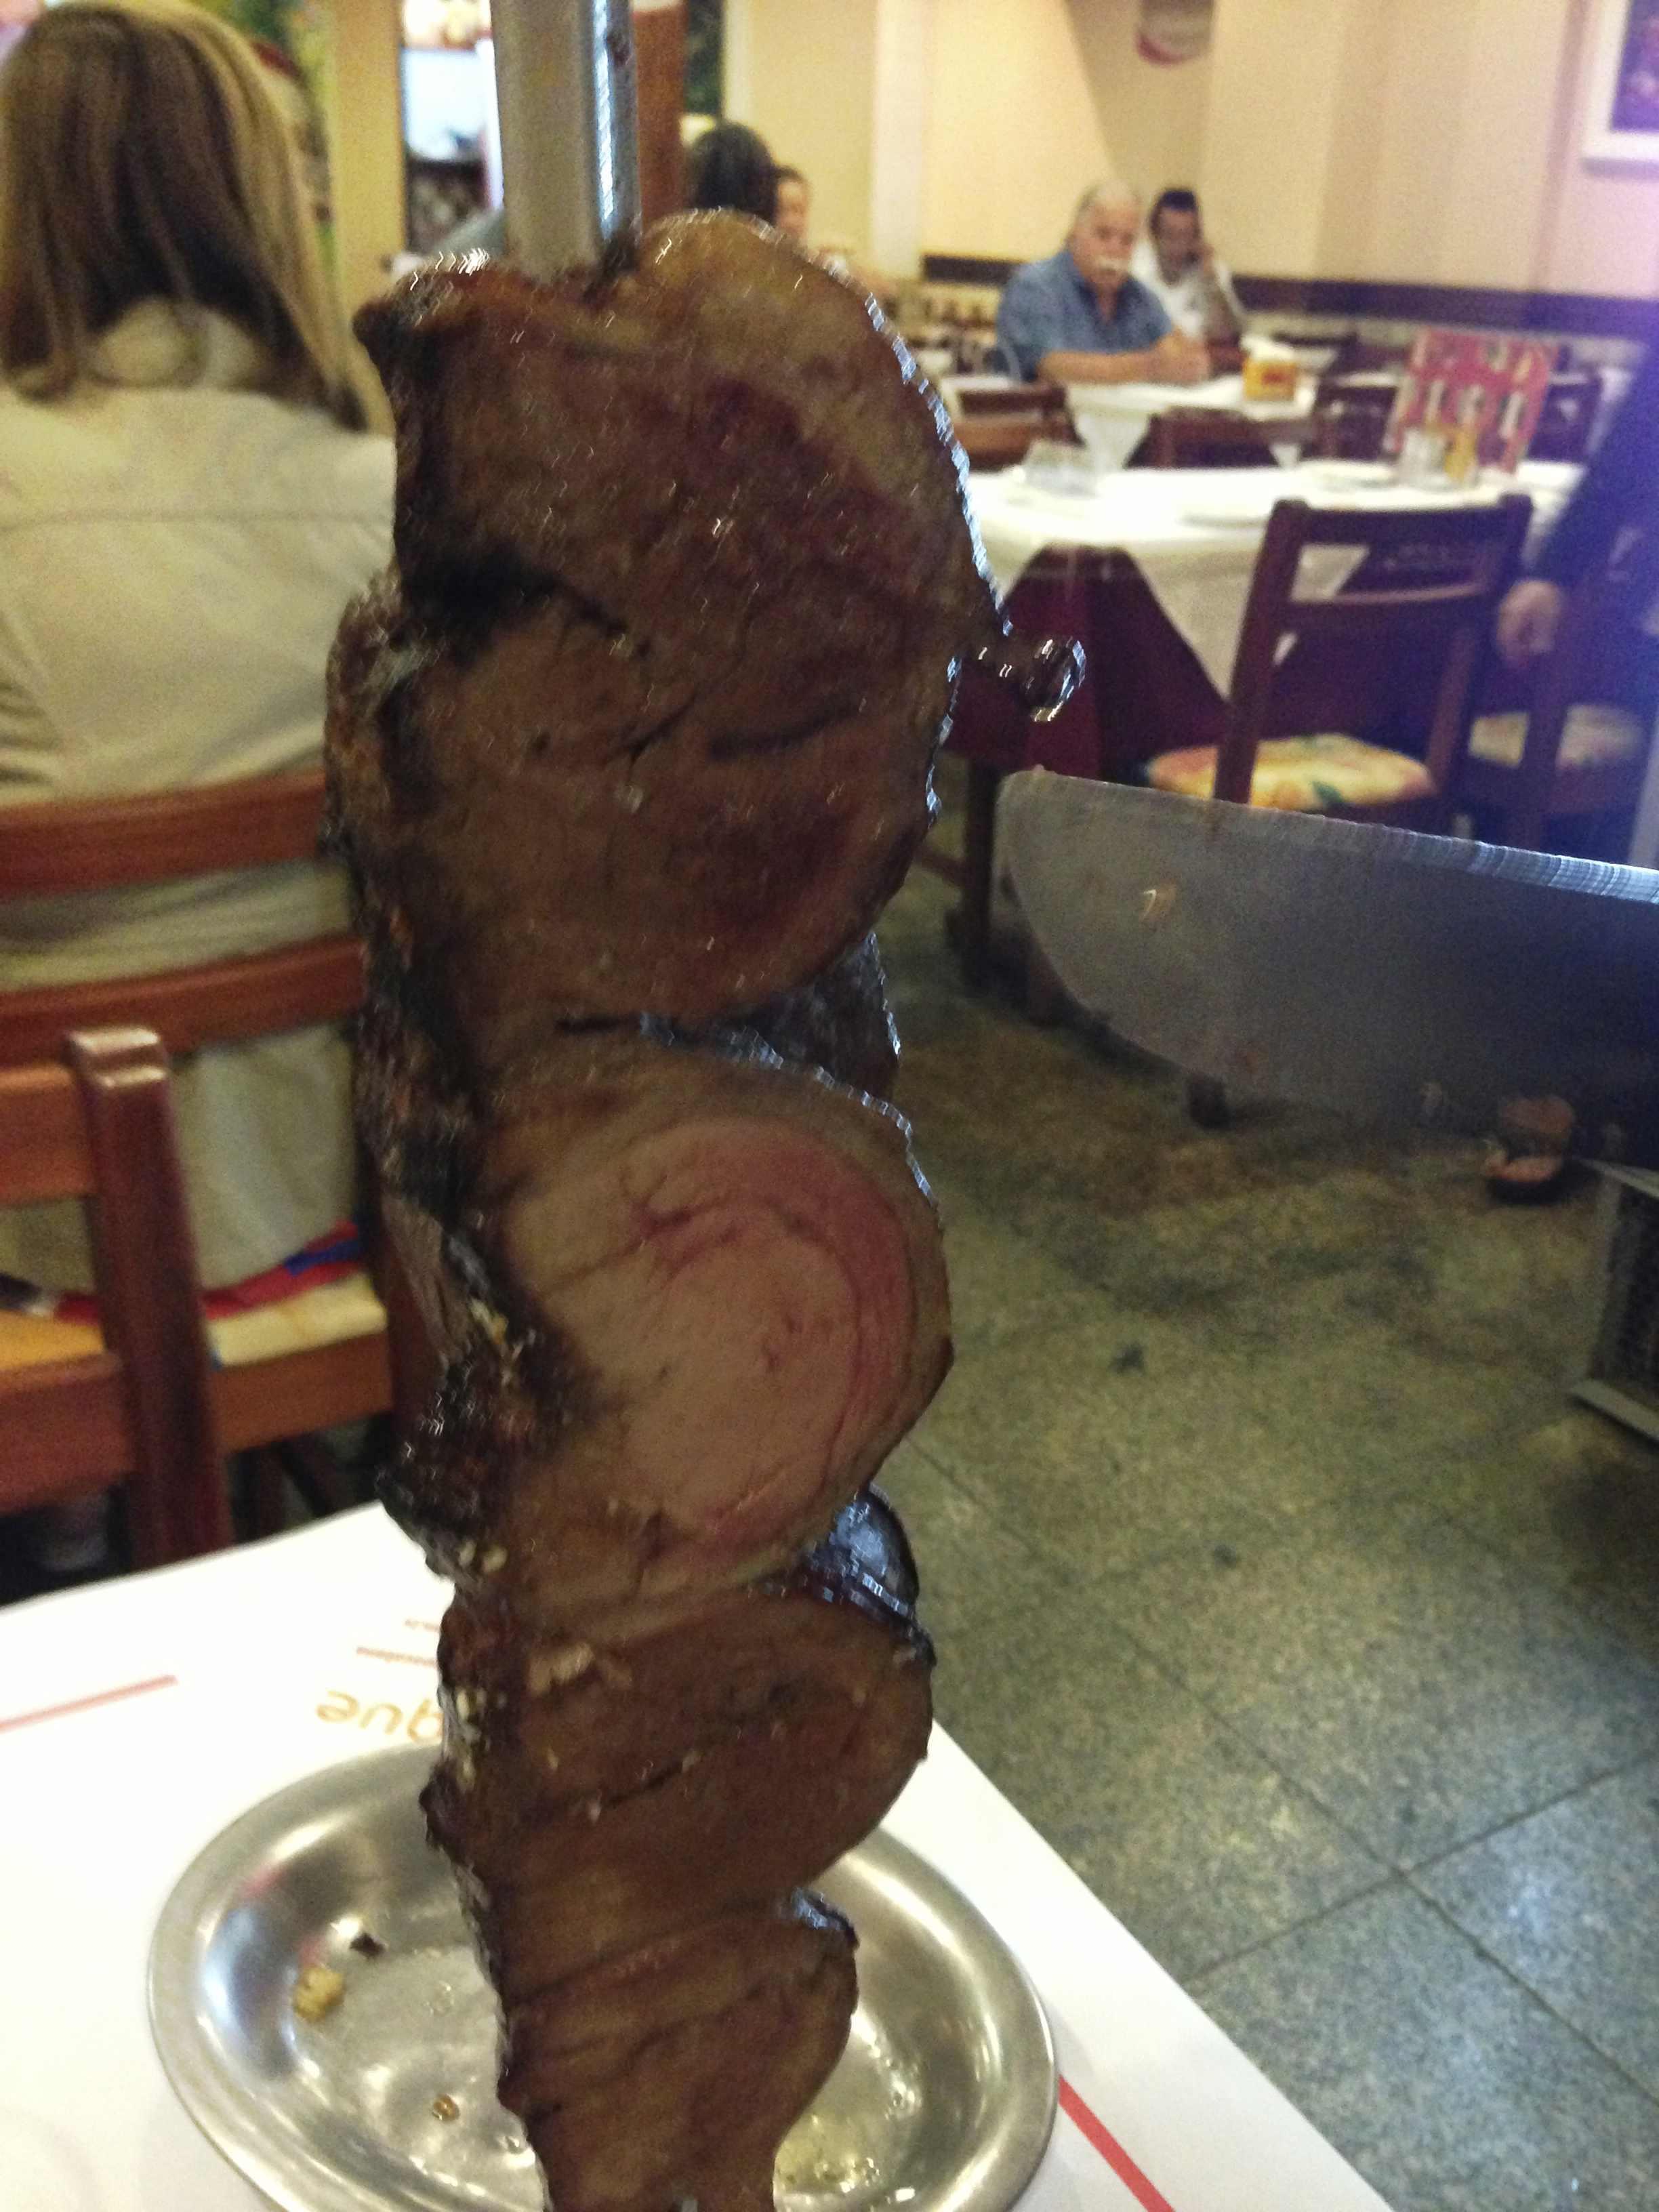 シュラスコ~岩塩をしオーブンで焼いたお肉をテーブルサービスしてくれます~(ブラジル料理)